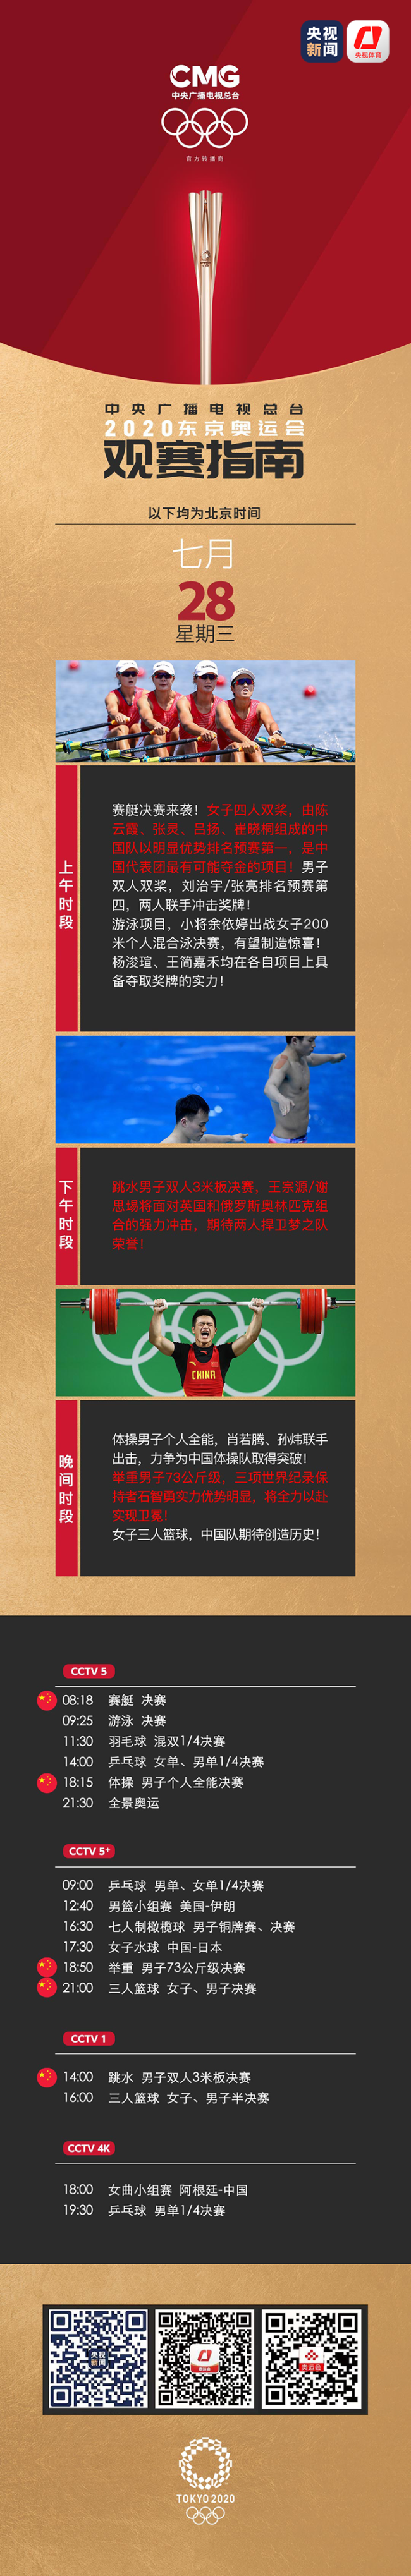 中国赛艇迎来冲金时刻!国乒男女单打齐出战